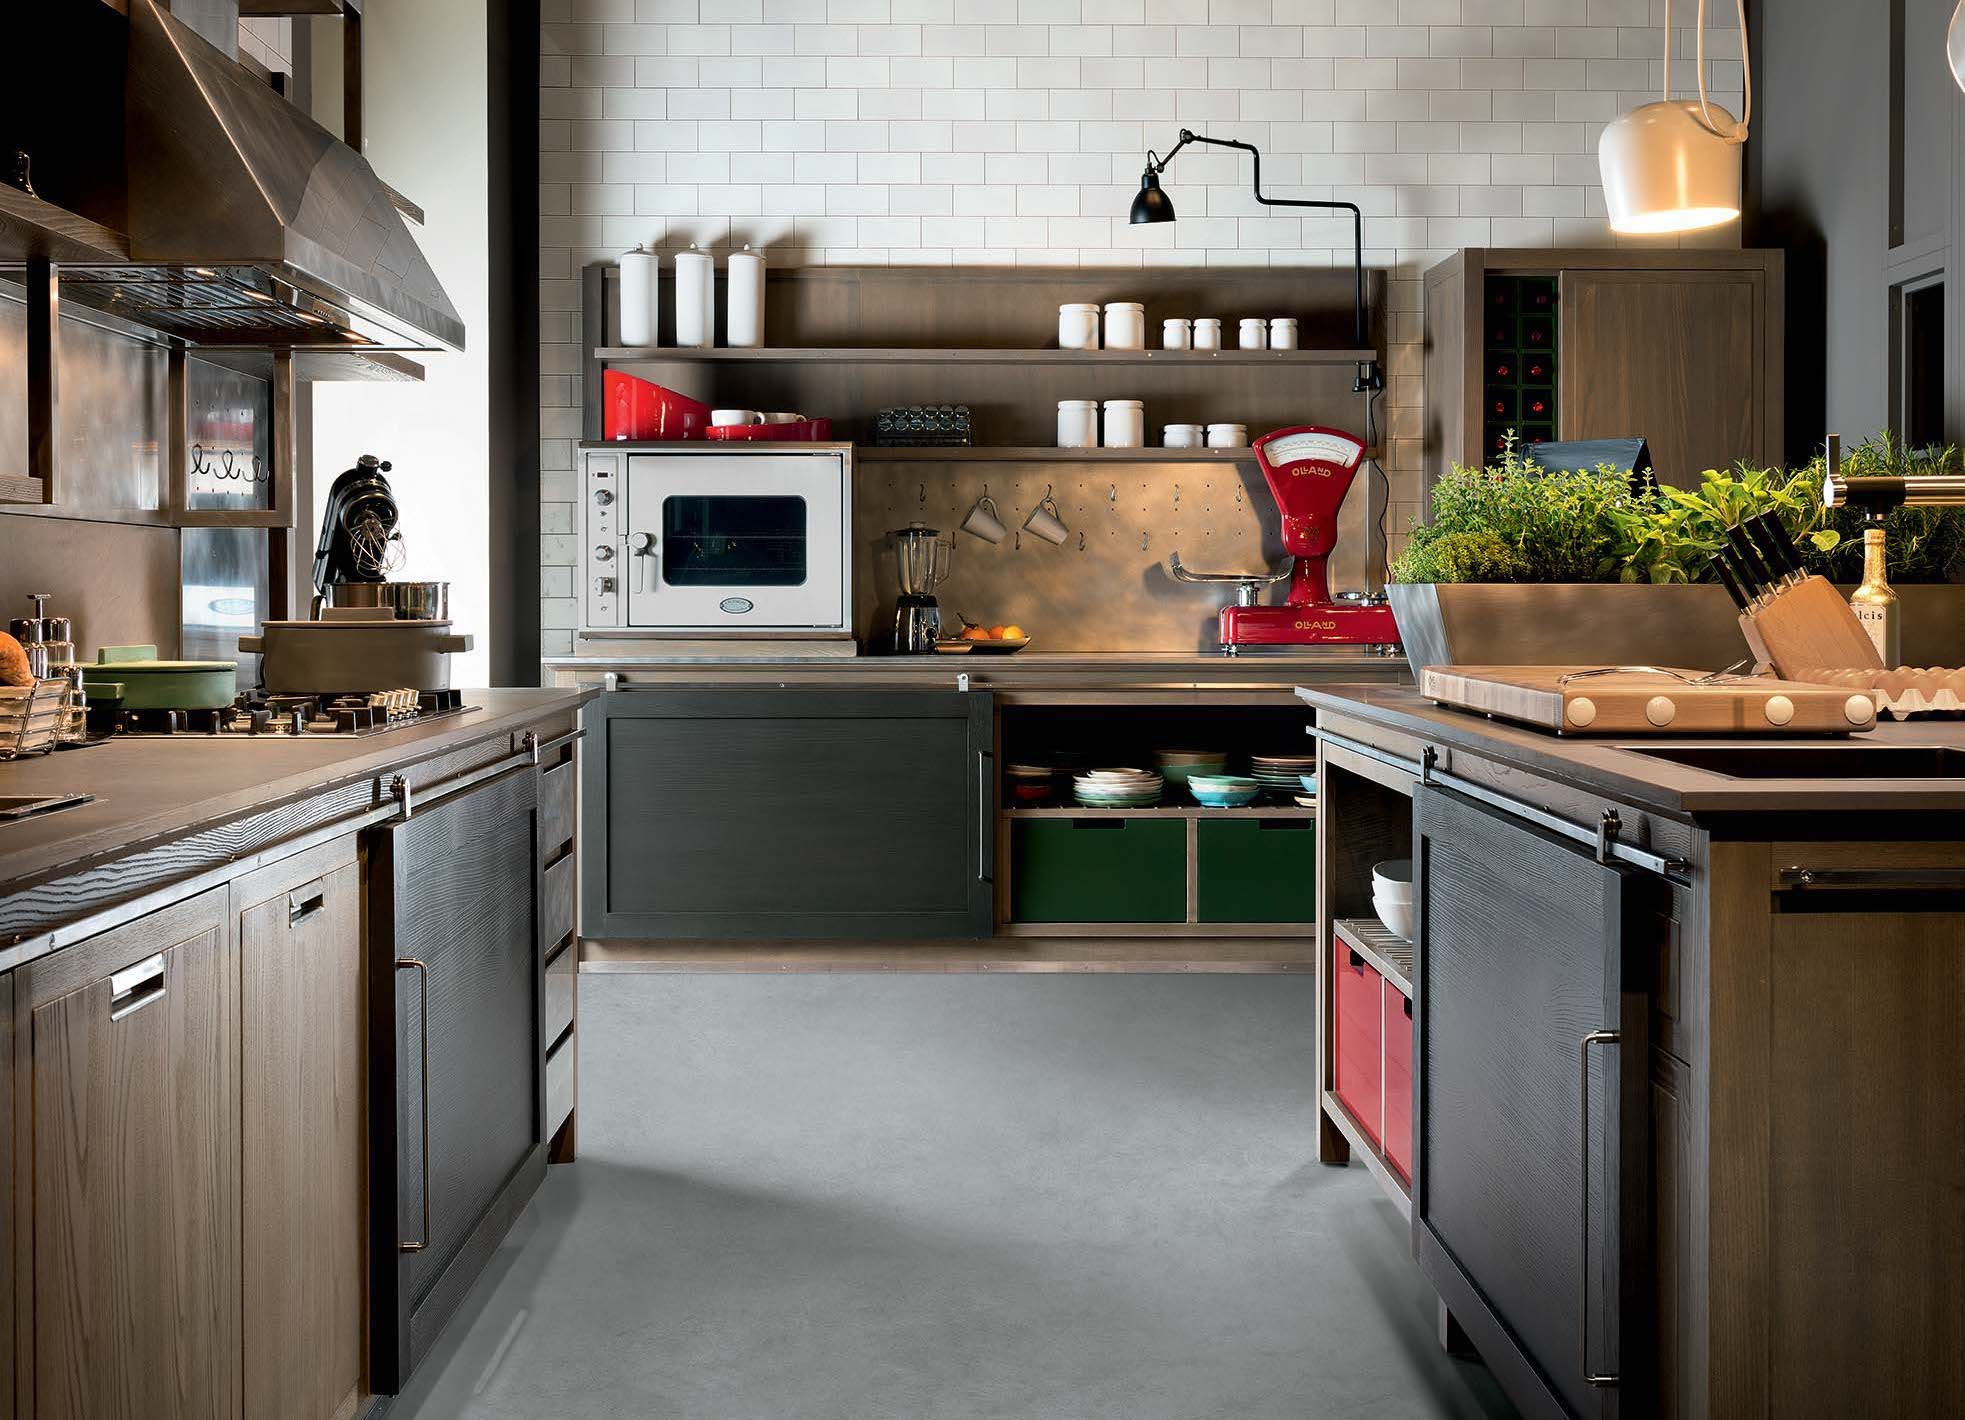 Cucina Industrial Chic - La cucina elegante con carattere ...